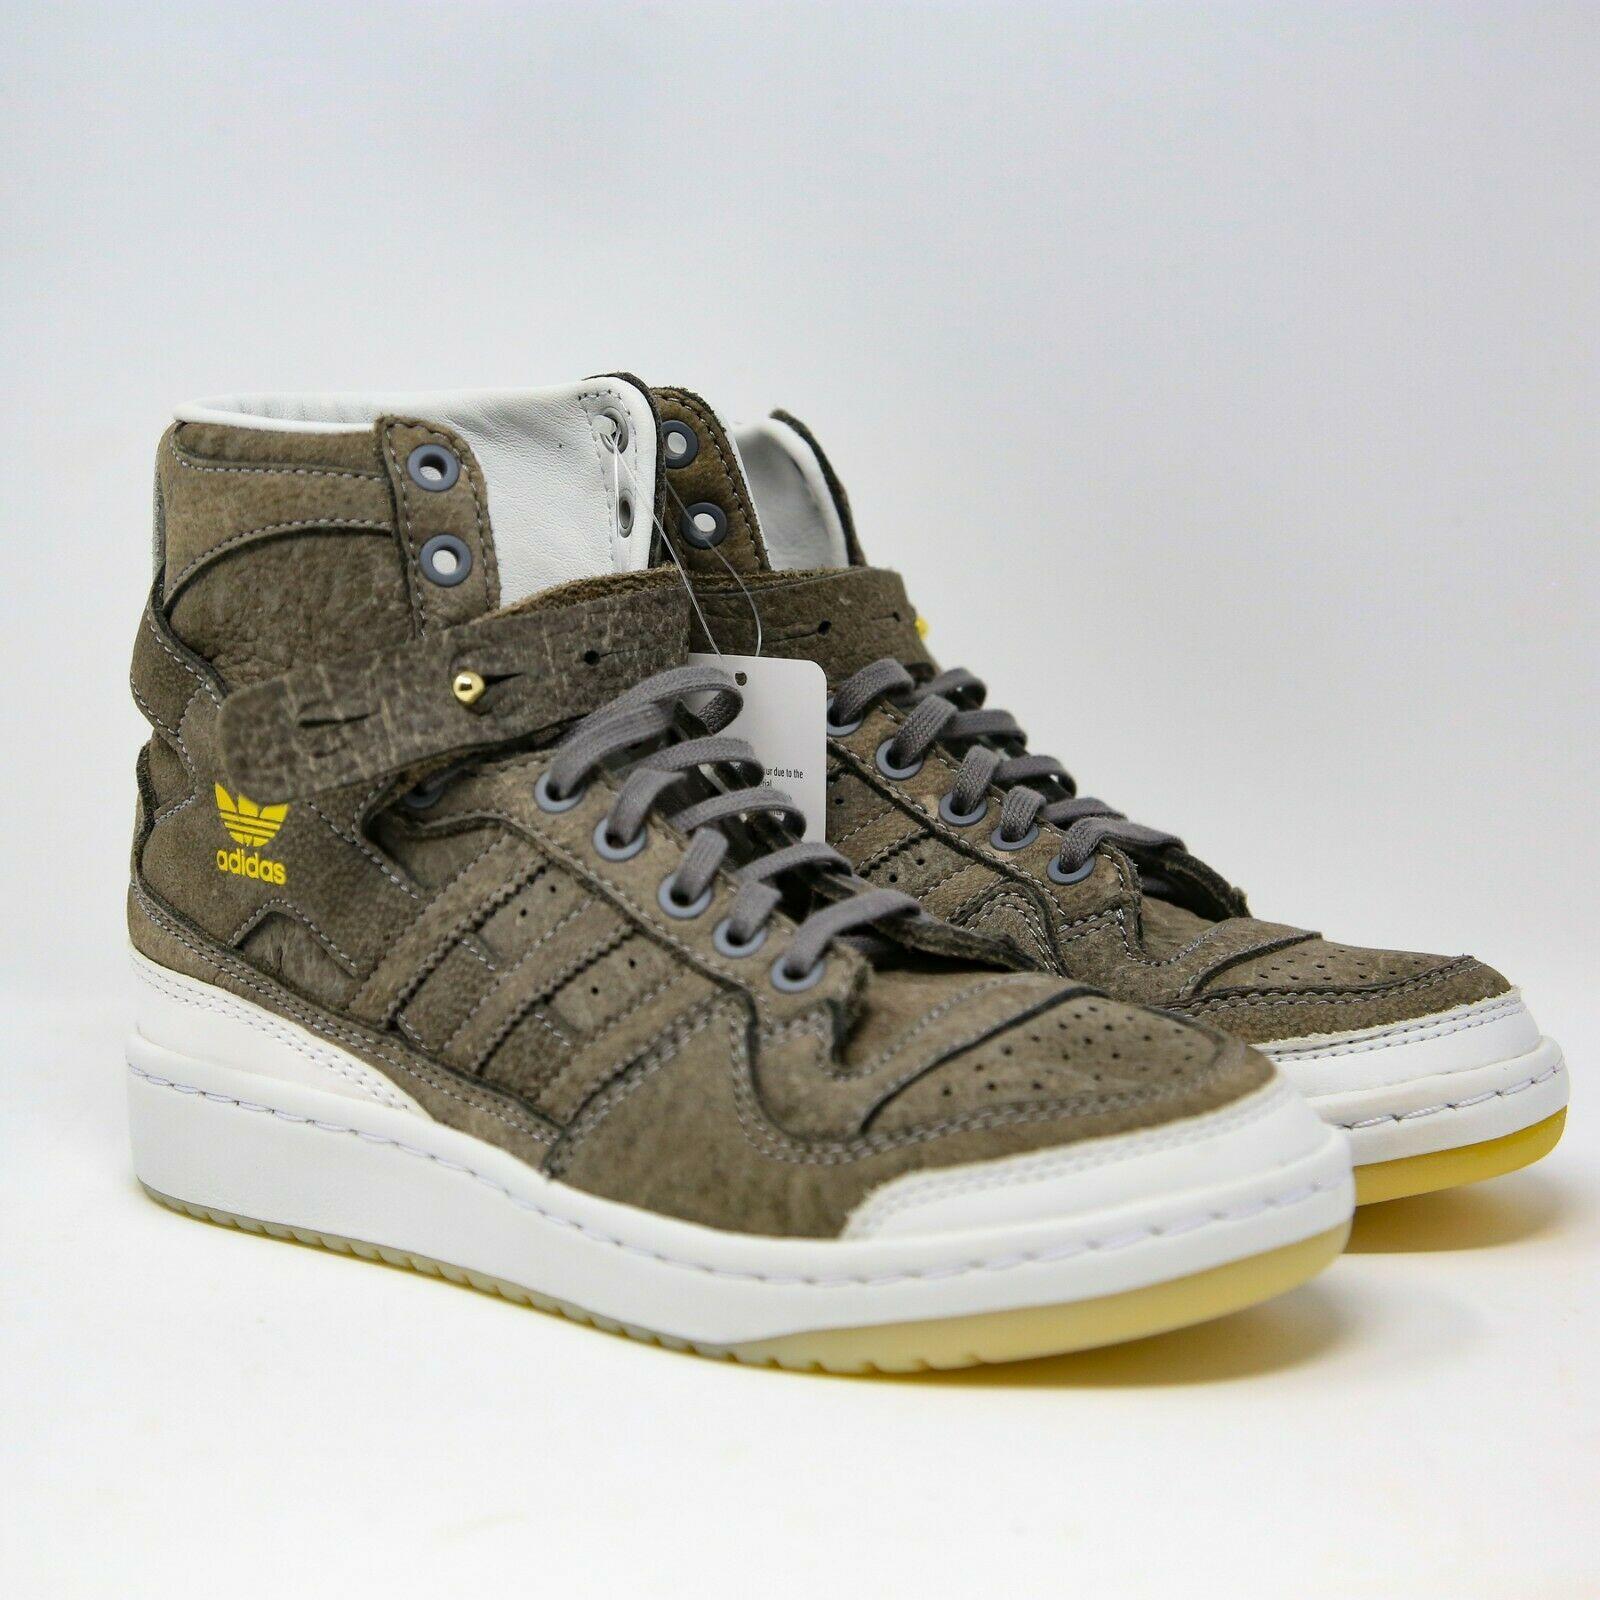 Adidas Forum Hoch Hi Handarbeit + and similar items